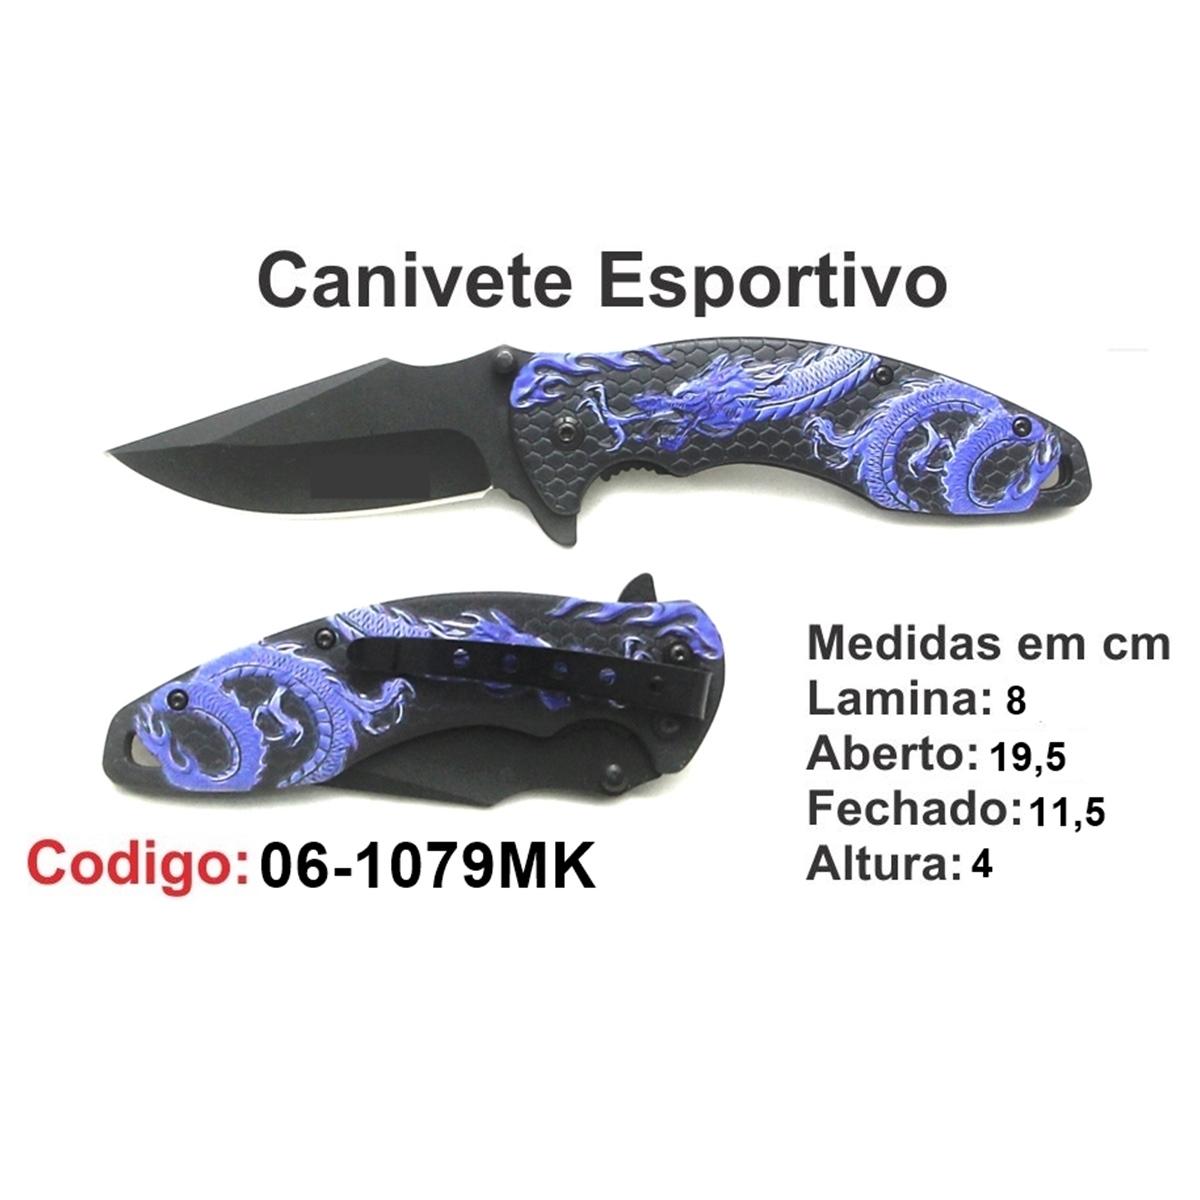 Canivete Esportivo Caça Pesca Etc. 06-1079MK